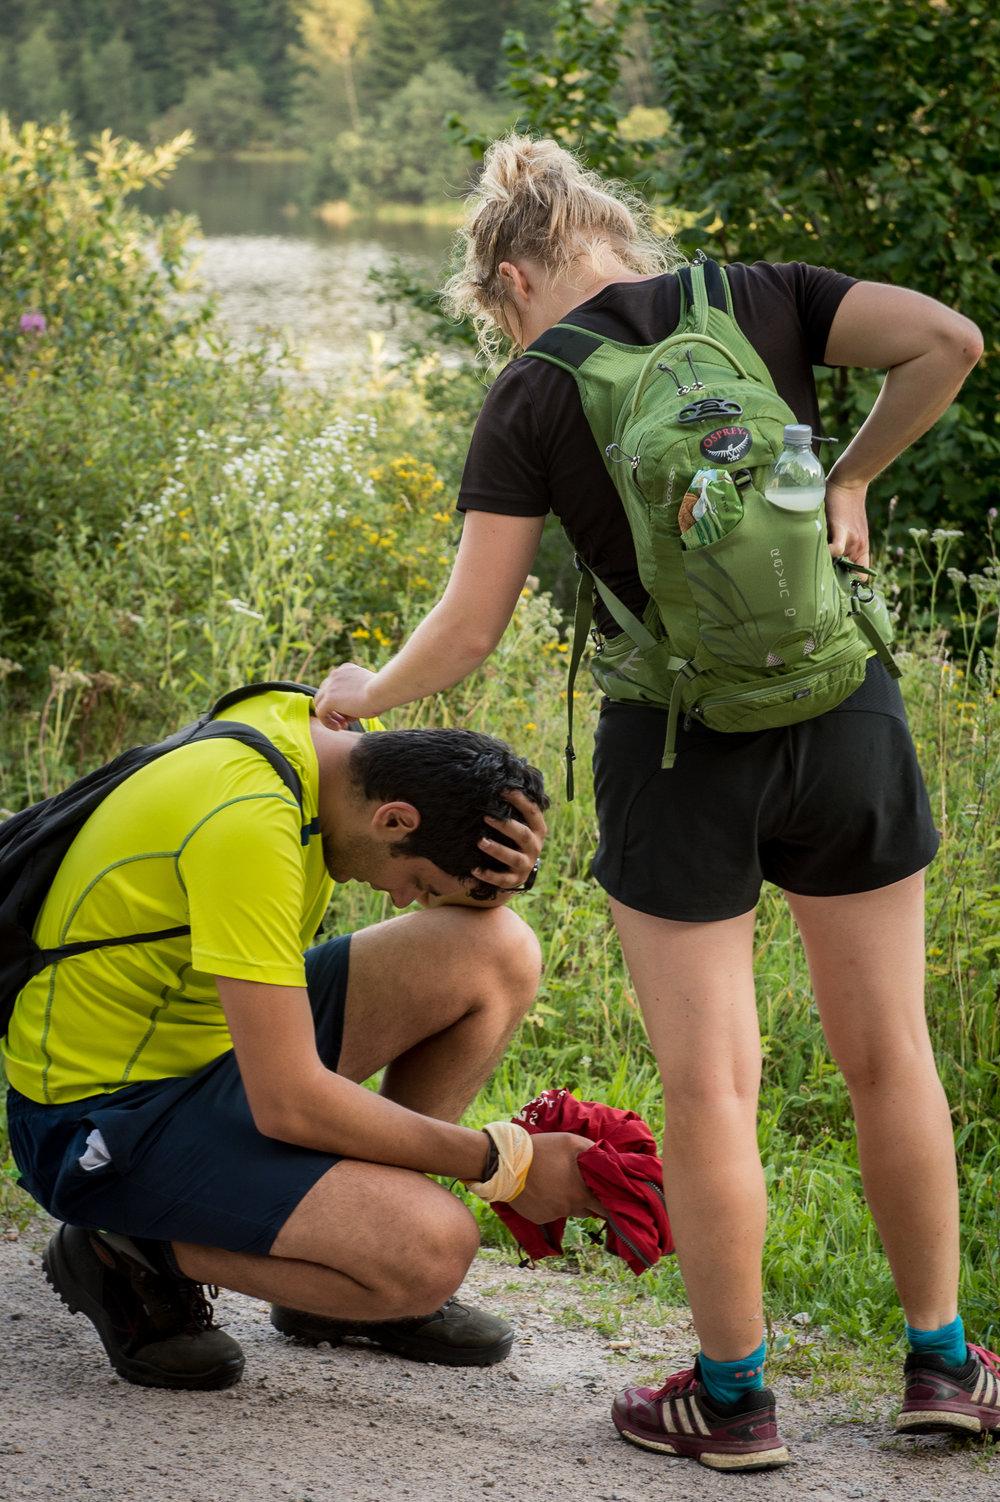 Wir helfen uns gegenseitig über Tiefpunkte hinweg.